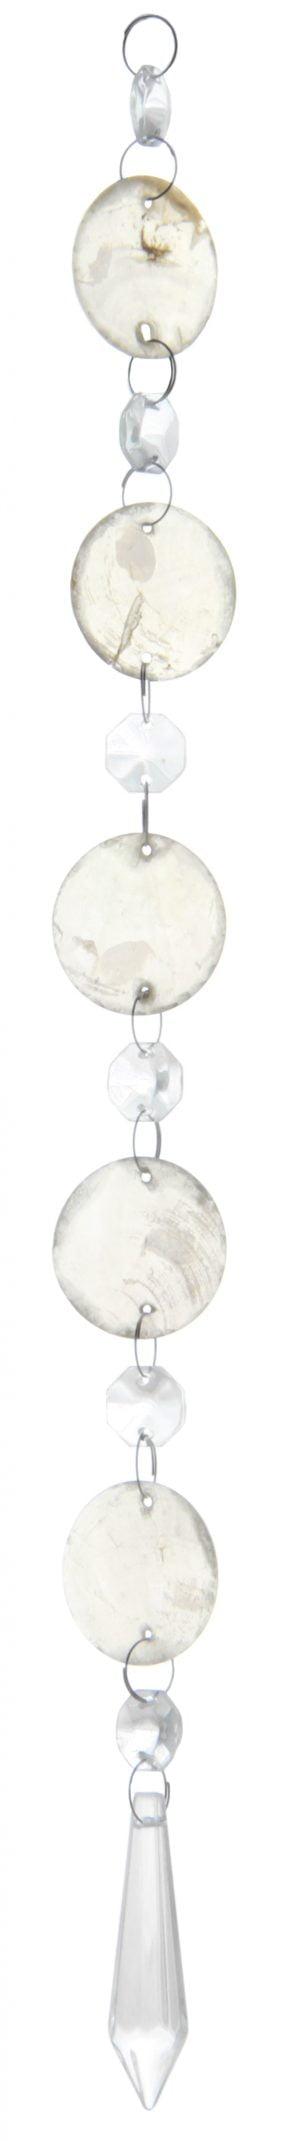 """Kirkas kristalliketju, jossa on kuusi kahdeksan kulmaista kristallia, joiden välissä on pyöreät """"helmisimpukka"""" laatat. Alinna riippuu pidempi, alaspäin levenevä kristalli, joka kärjistyy alaosassa keskelle."""